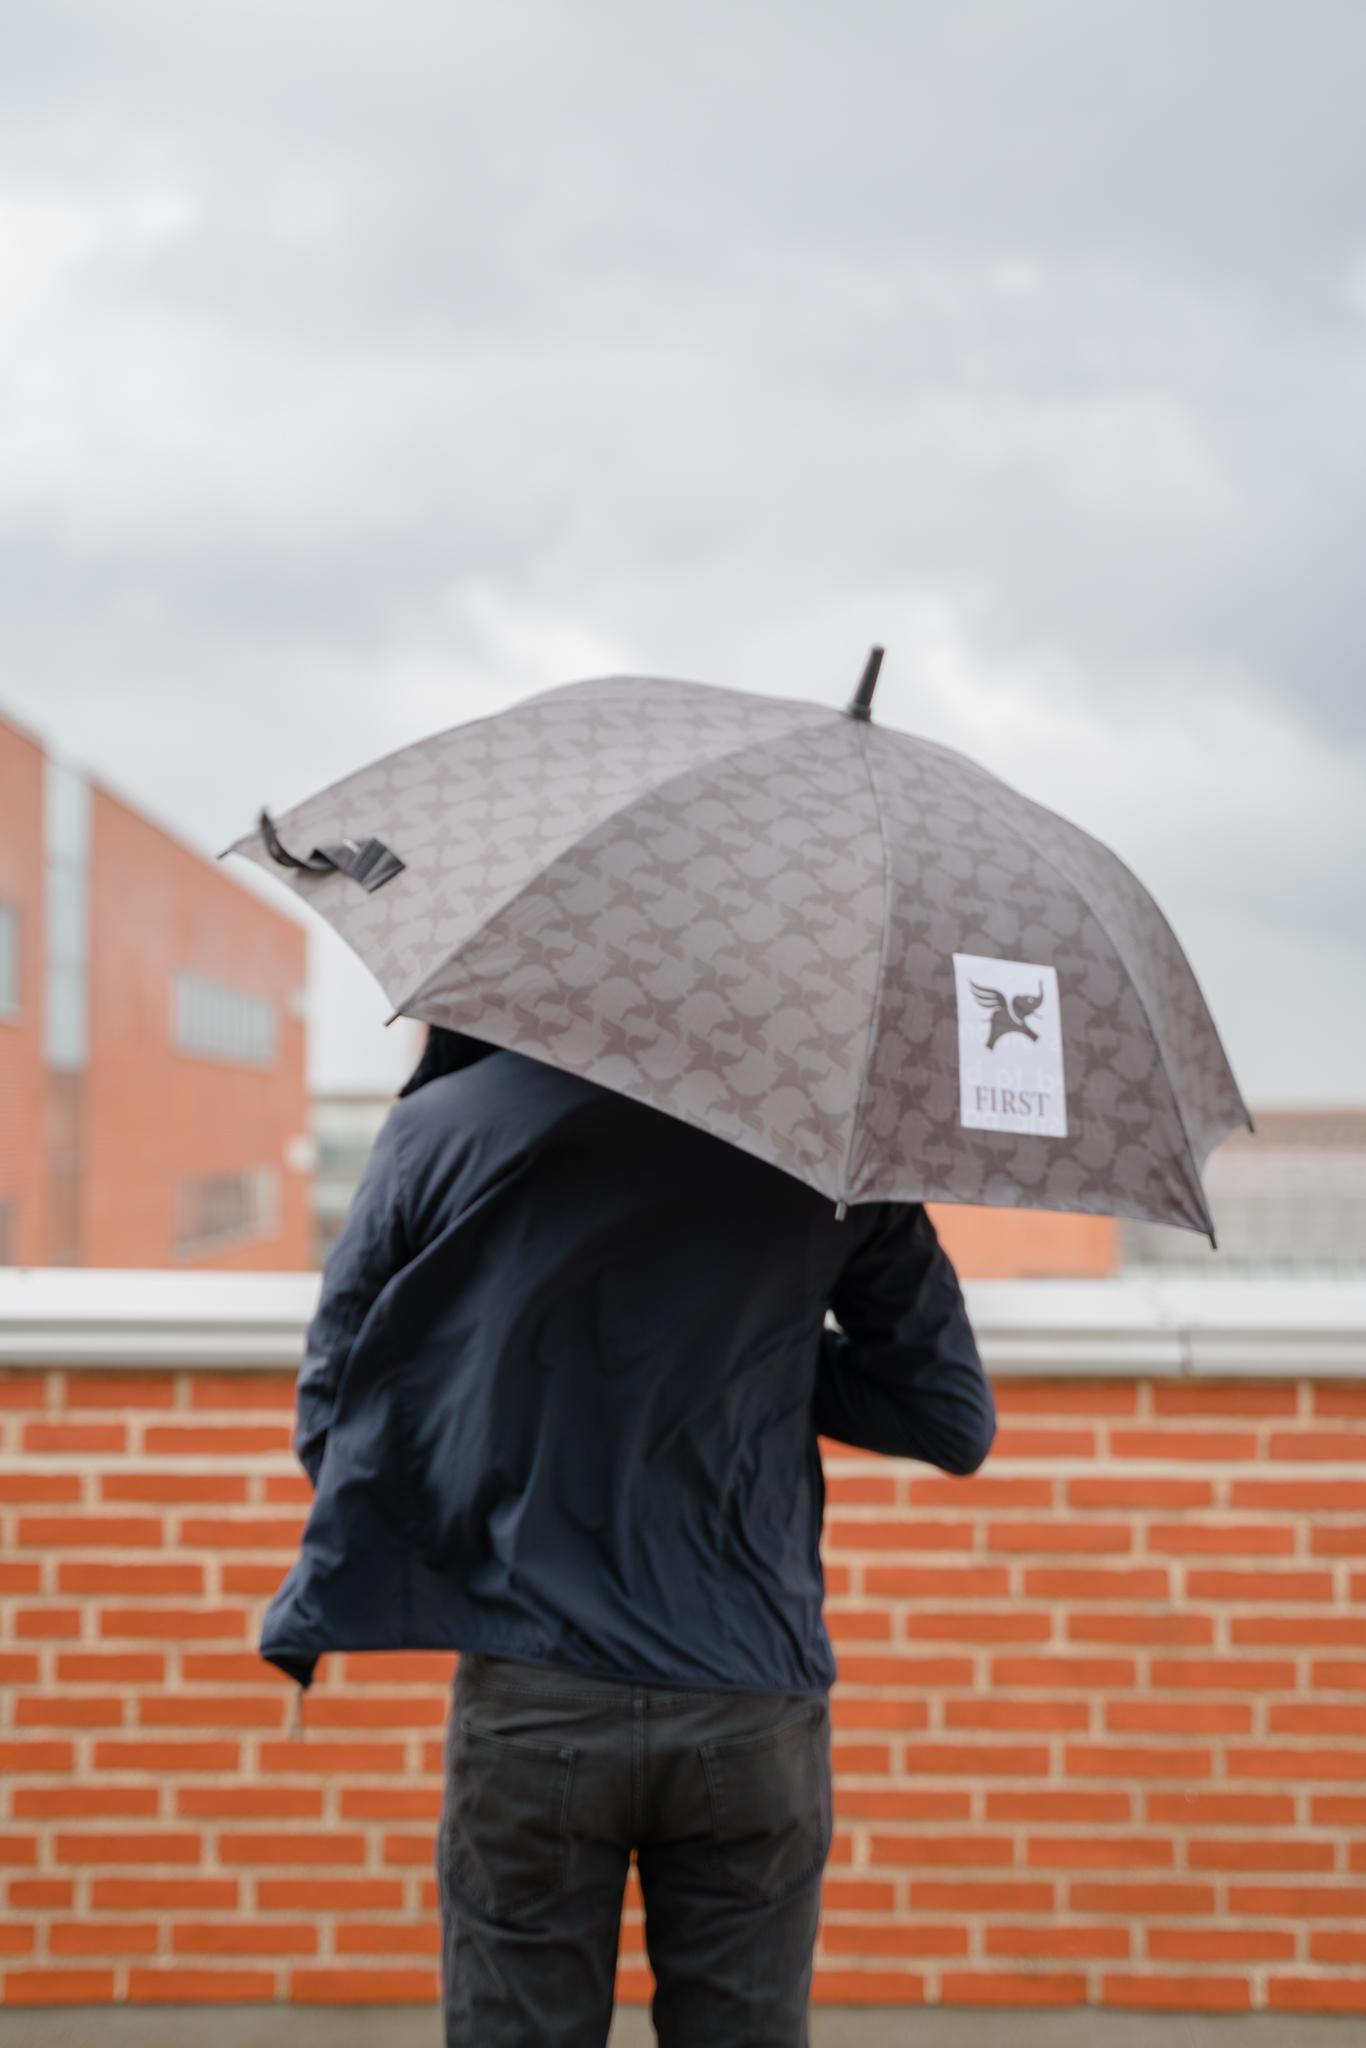 Dripdrop umbrella stormproof